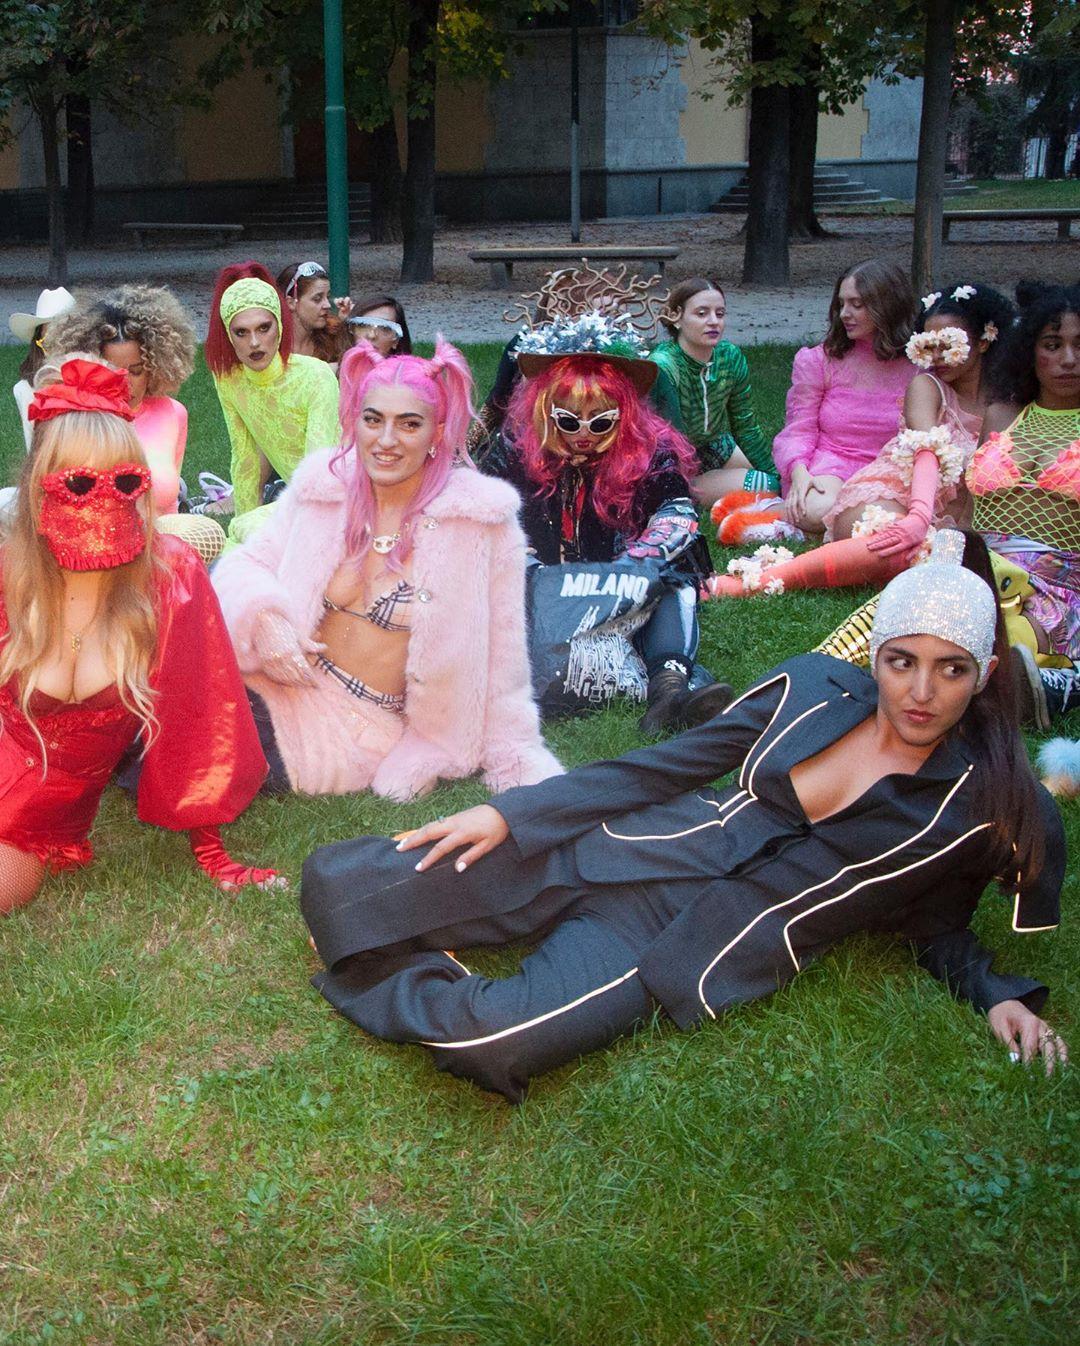 cazzurillo & le ragazze di porta venezia on the grass